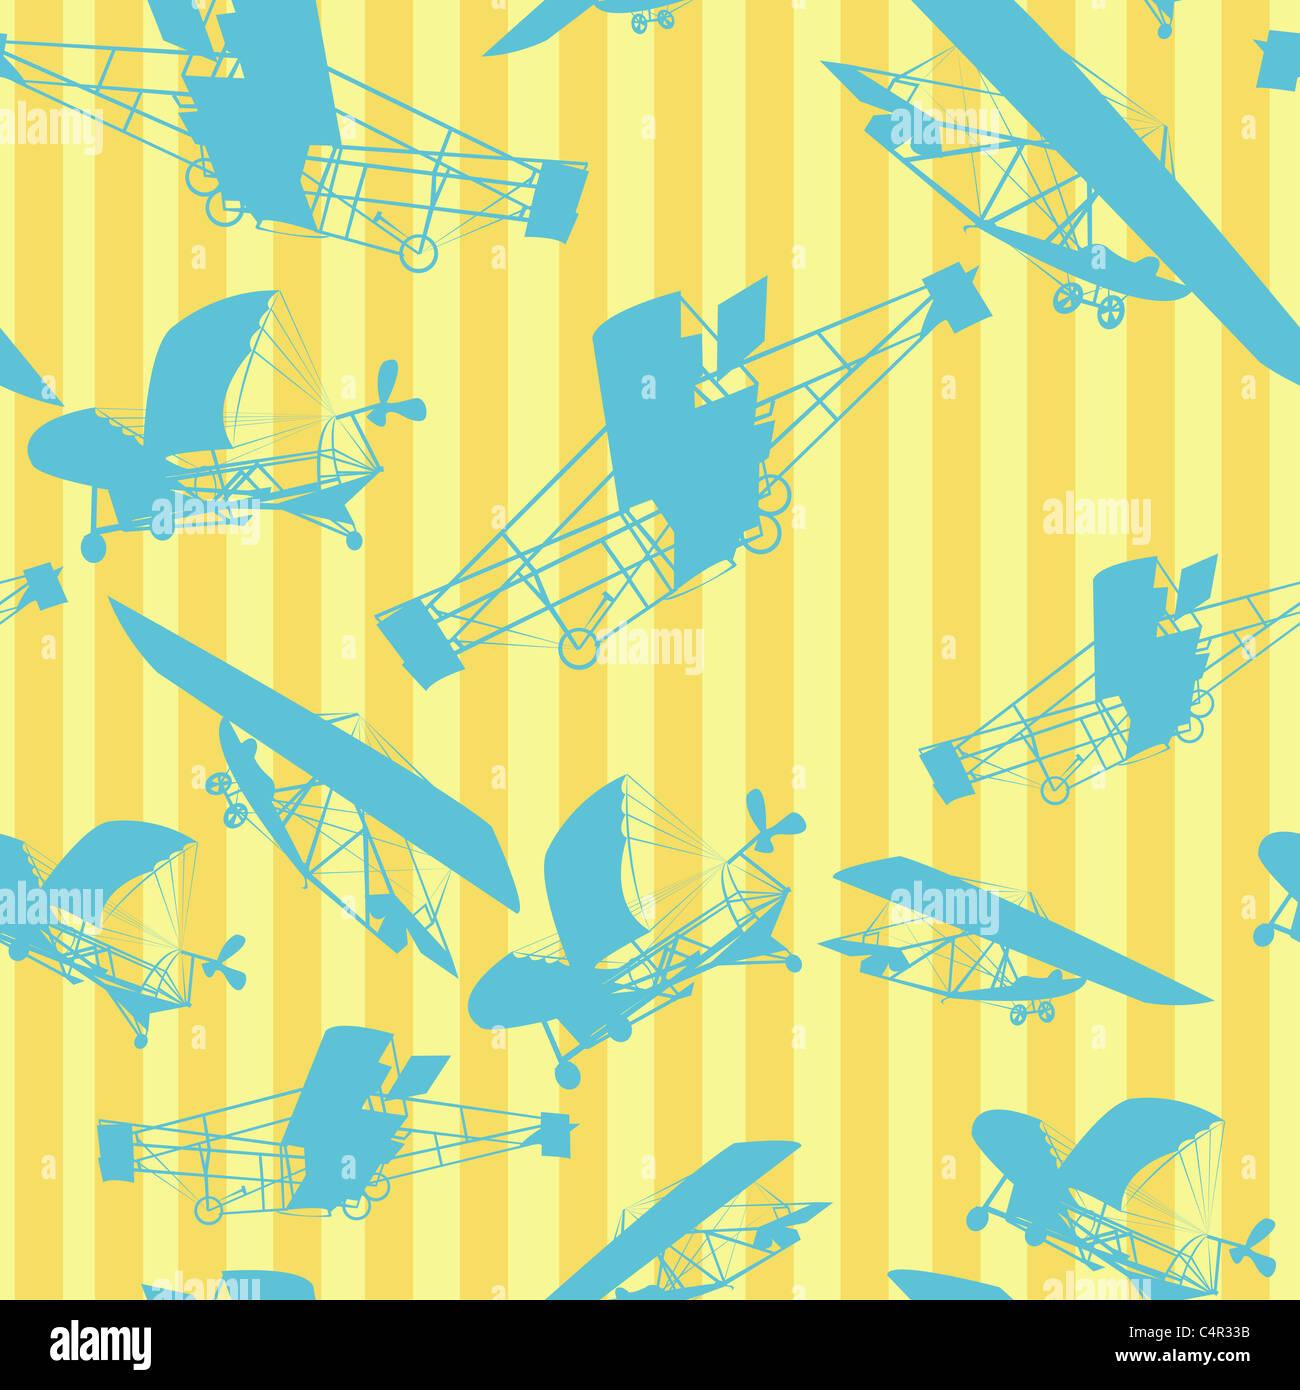 Dekorative Layout mit alten Flugzeugen Silhouetten, nahtlose Muster Stockbild